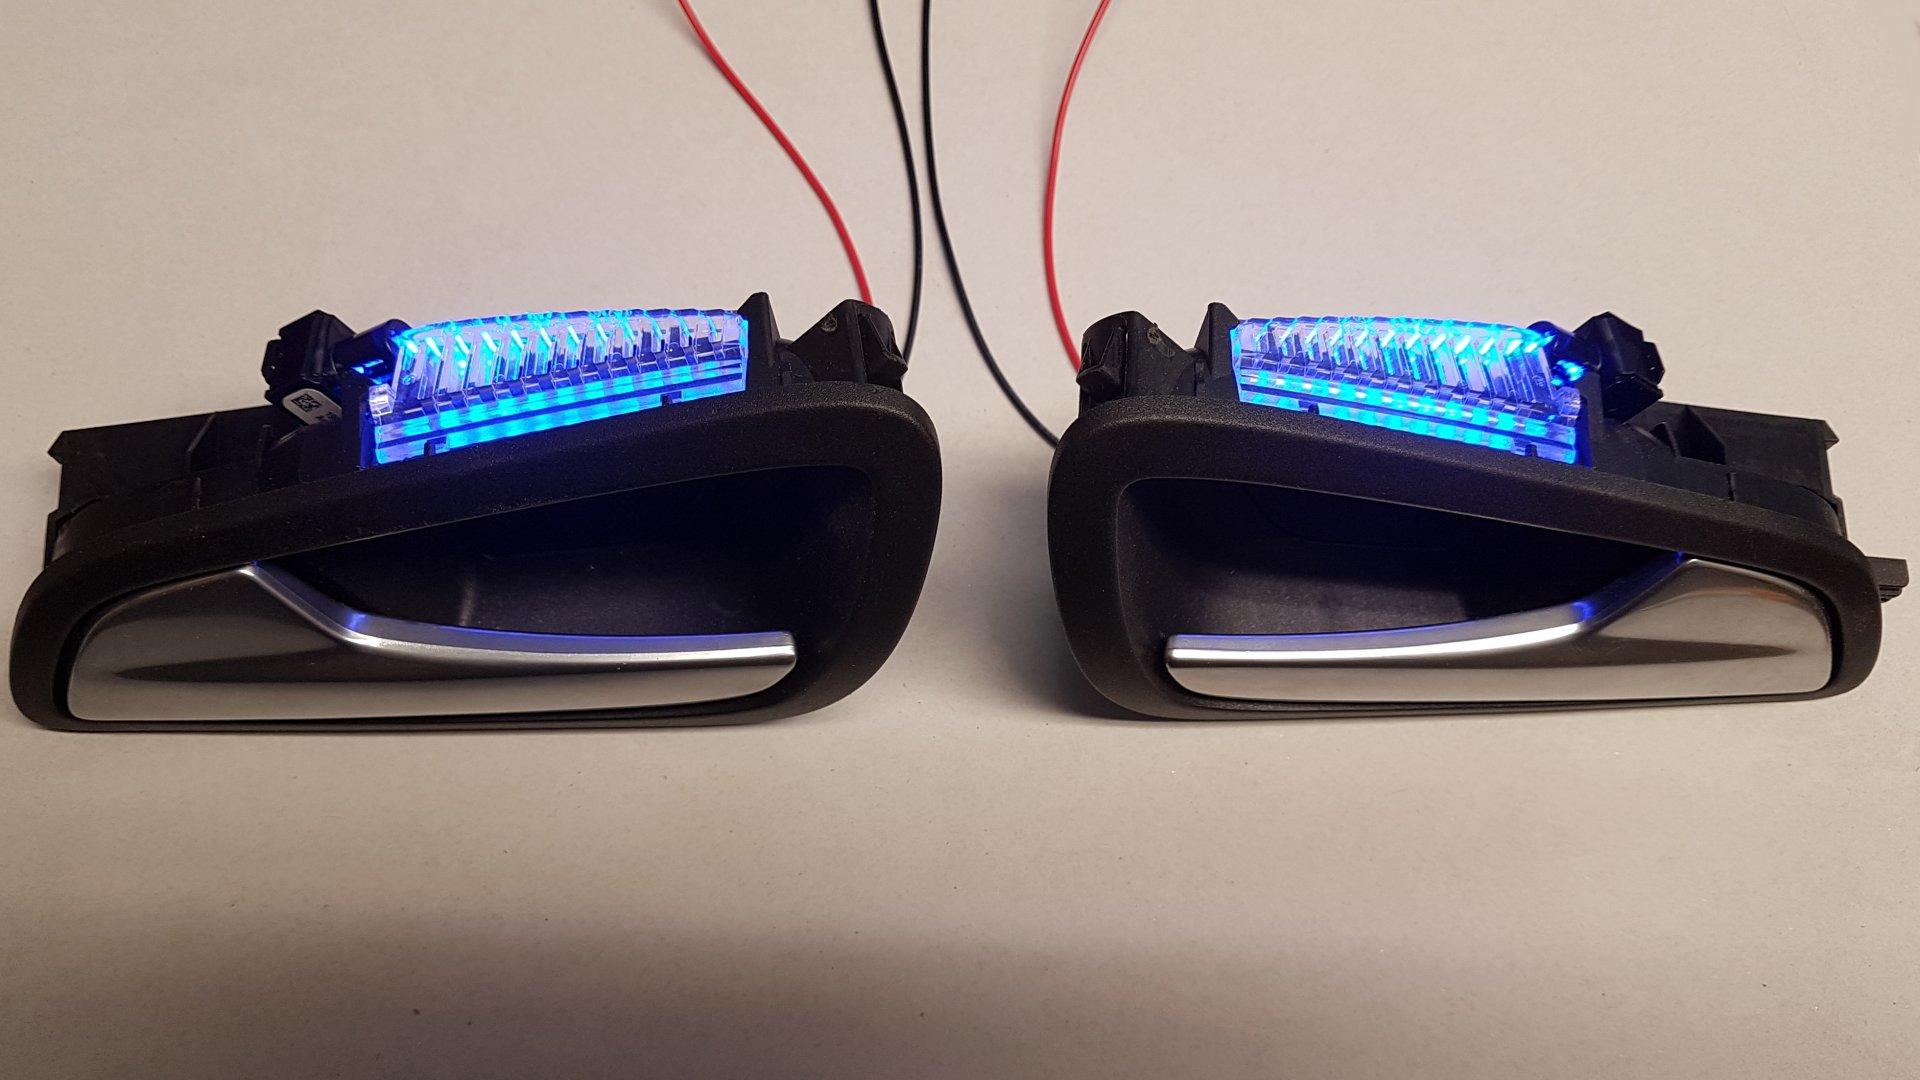 Ford Focus III (2019-02-06) - LED-Ambientebeleuchtung in Türinnenöffnermulden - Bild 1.jpg